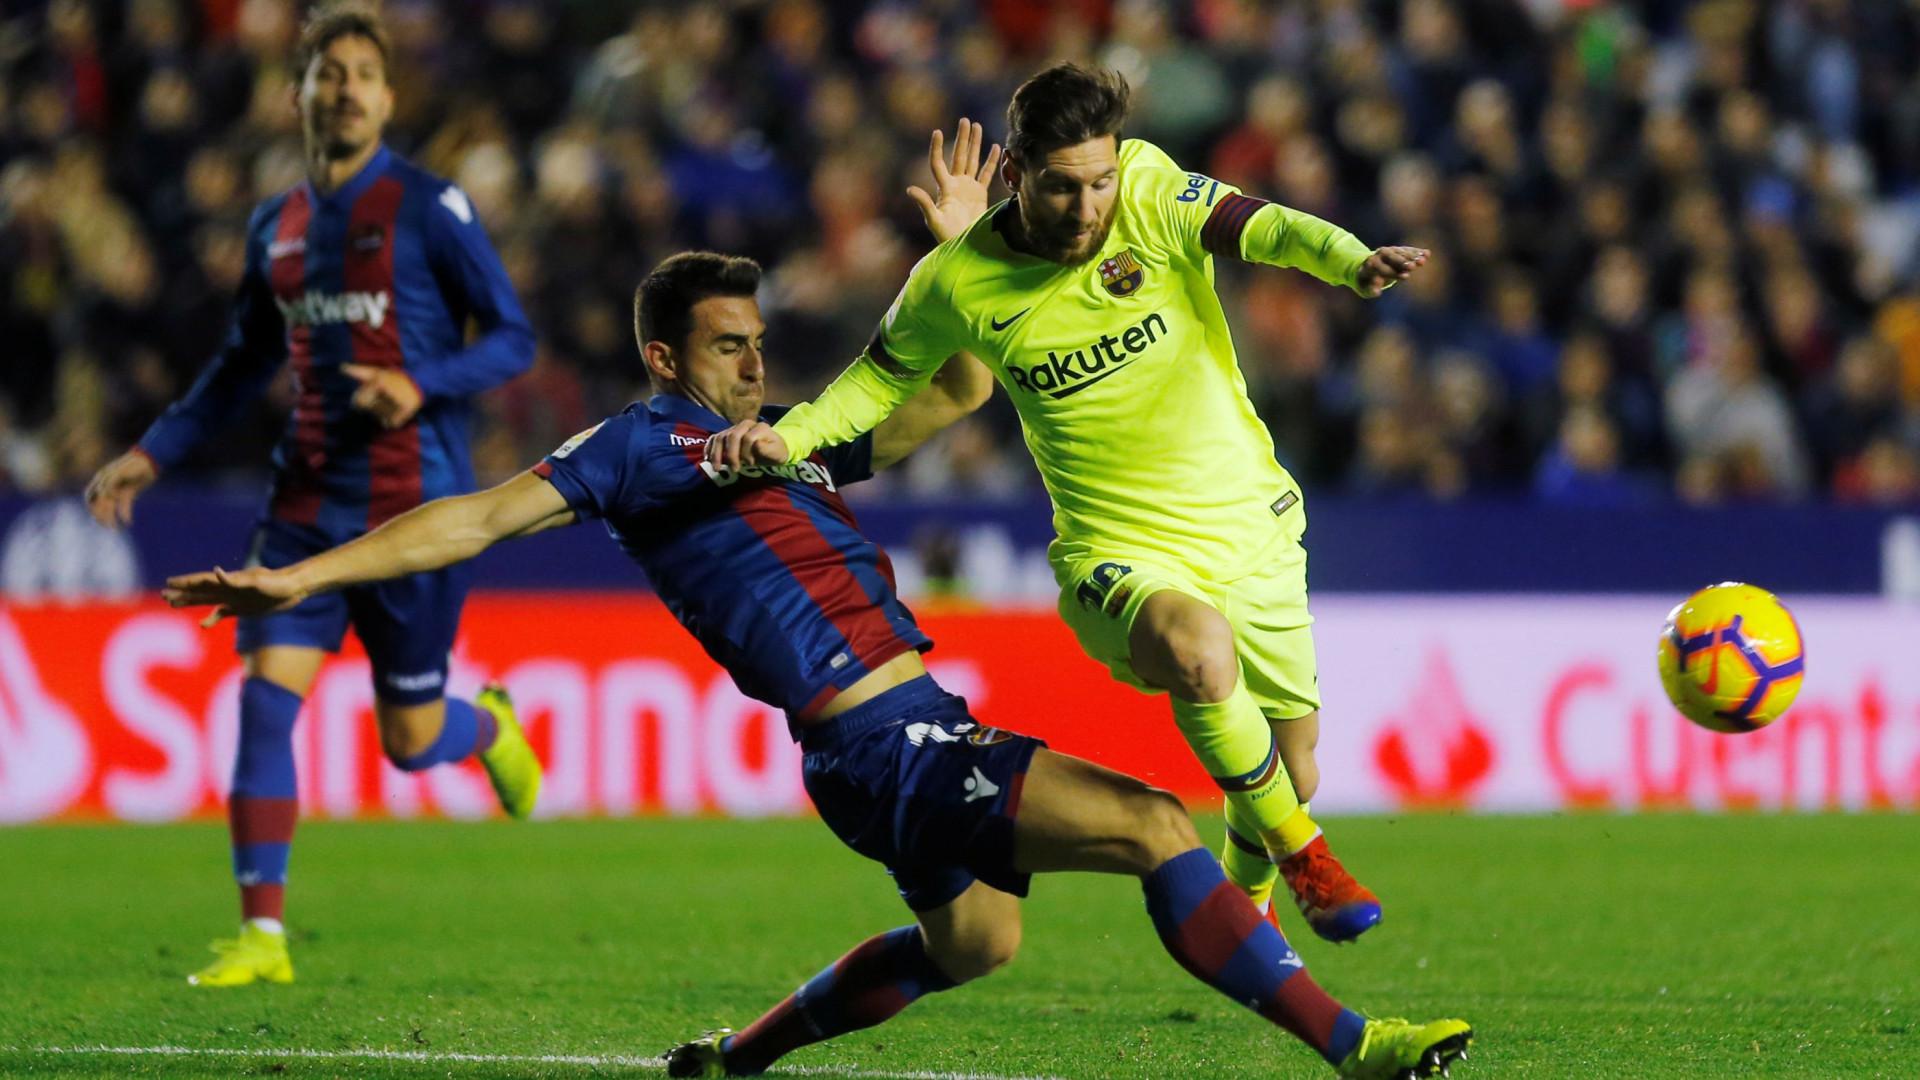 Afinal, Messi tem 399 ou 400 golos? Está lançada a discussão